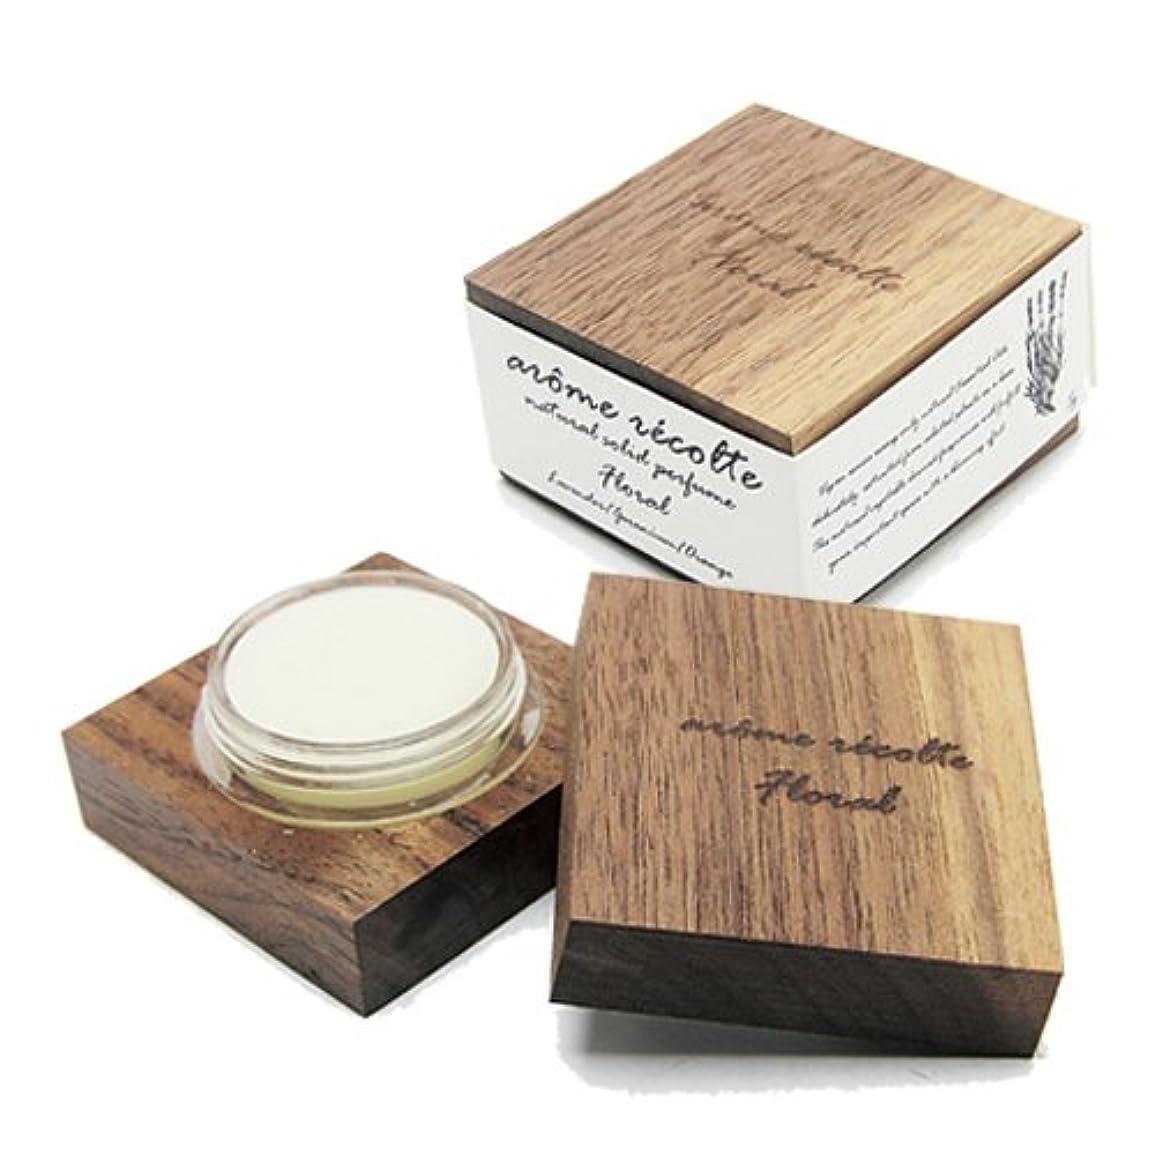 繊維リテラシー信頼性のあるアロマレコルト ナチュラル ソリッドパフューム フローラル Floral arome recolte 練り香水